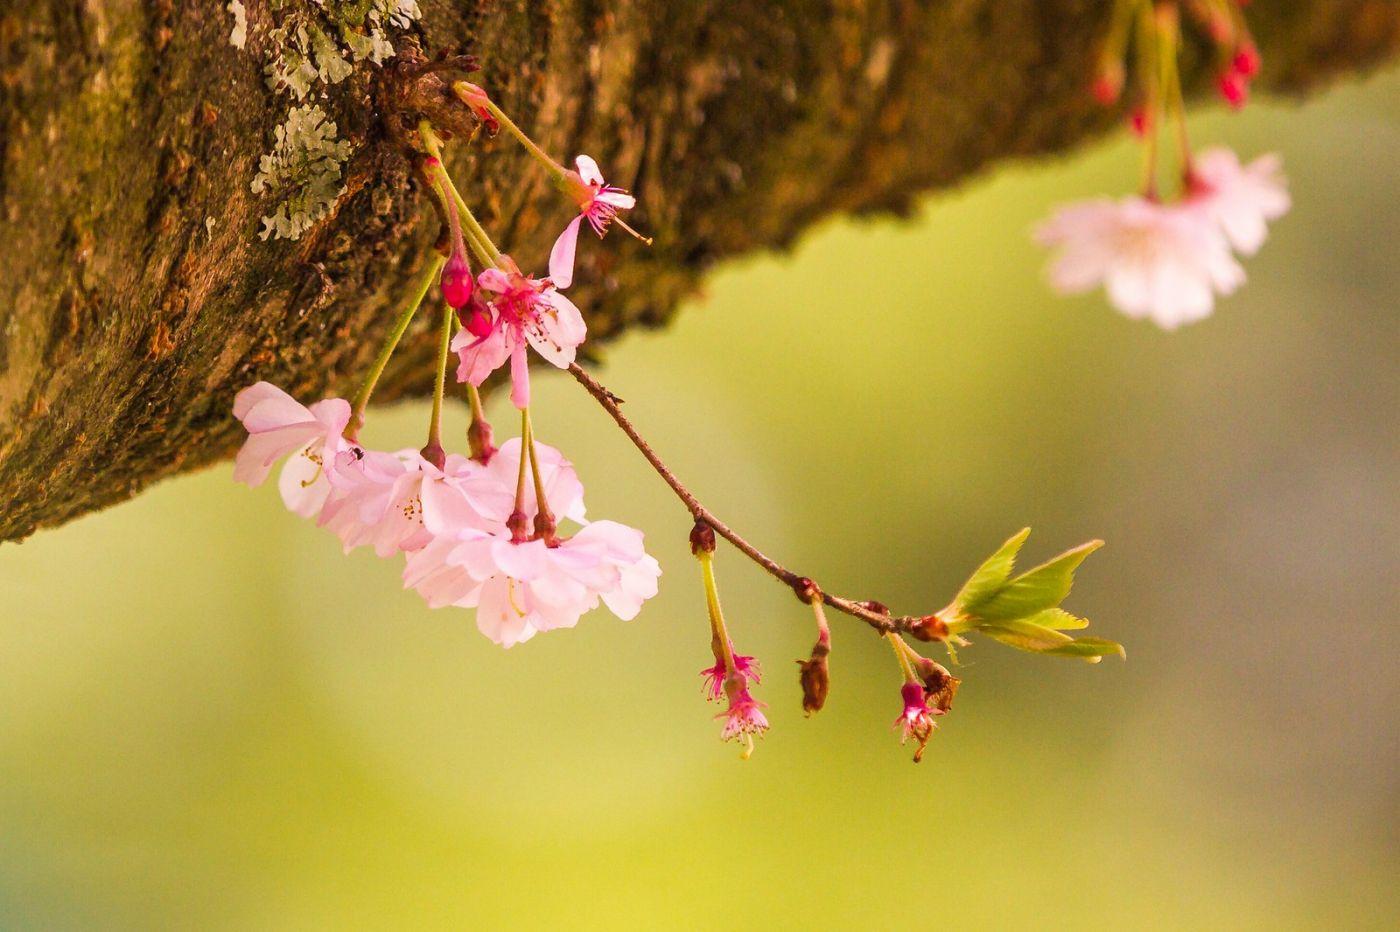 粉红的水嫩的,好看极了_图1-4